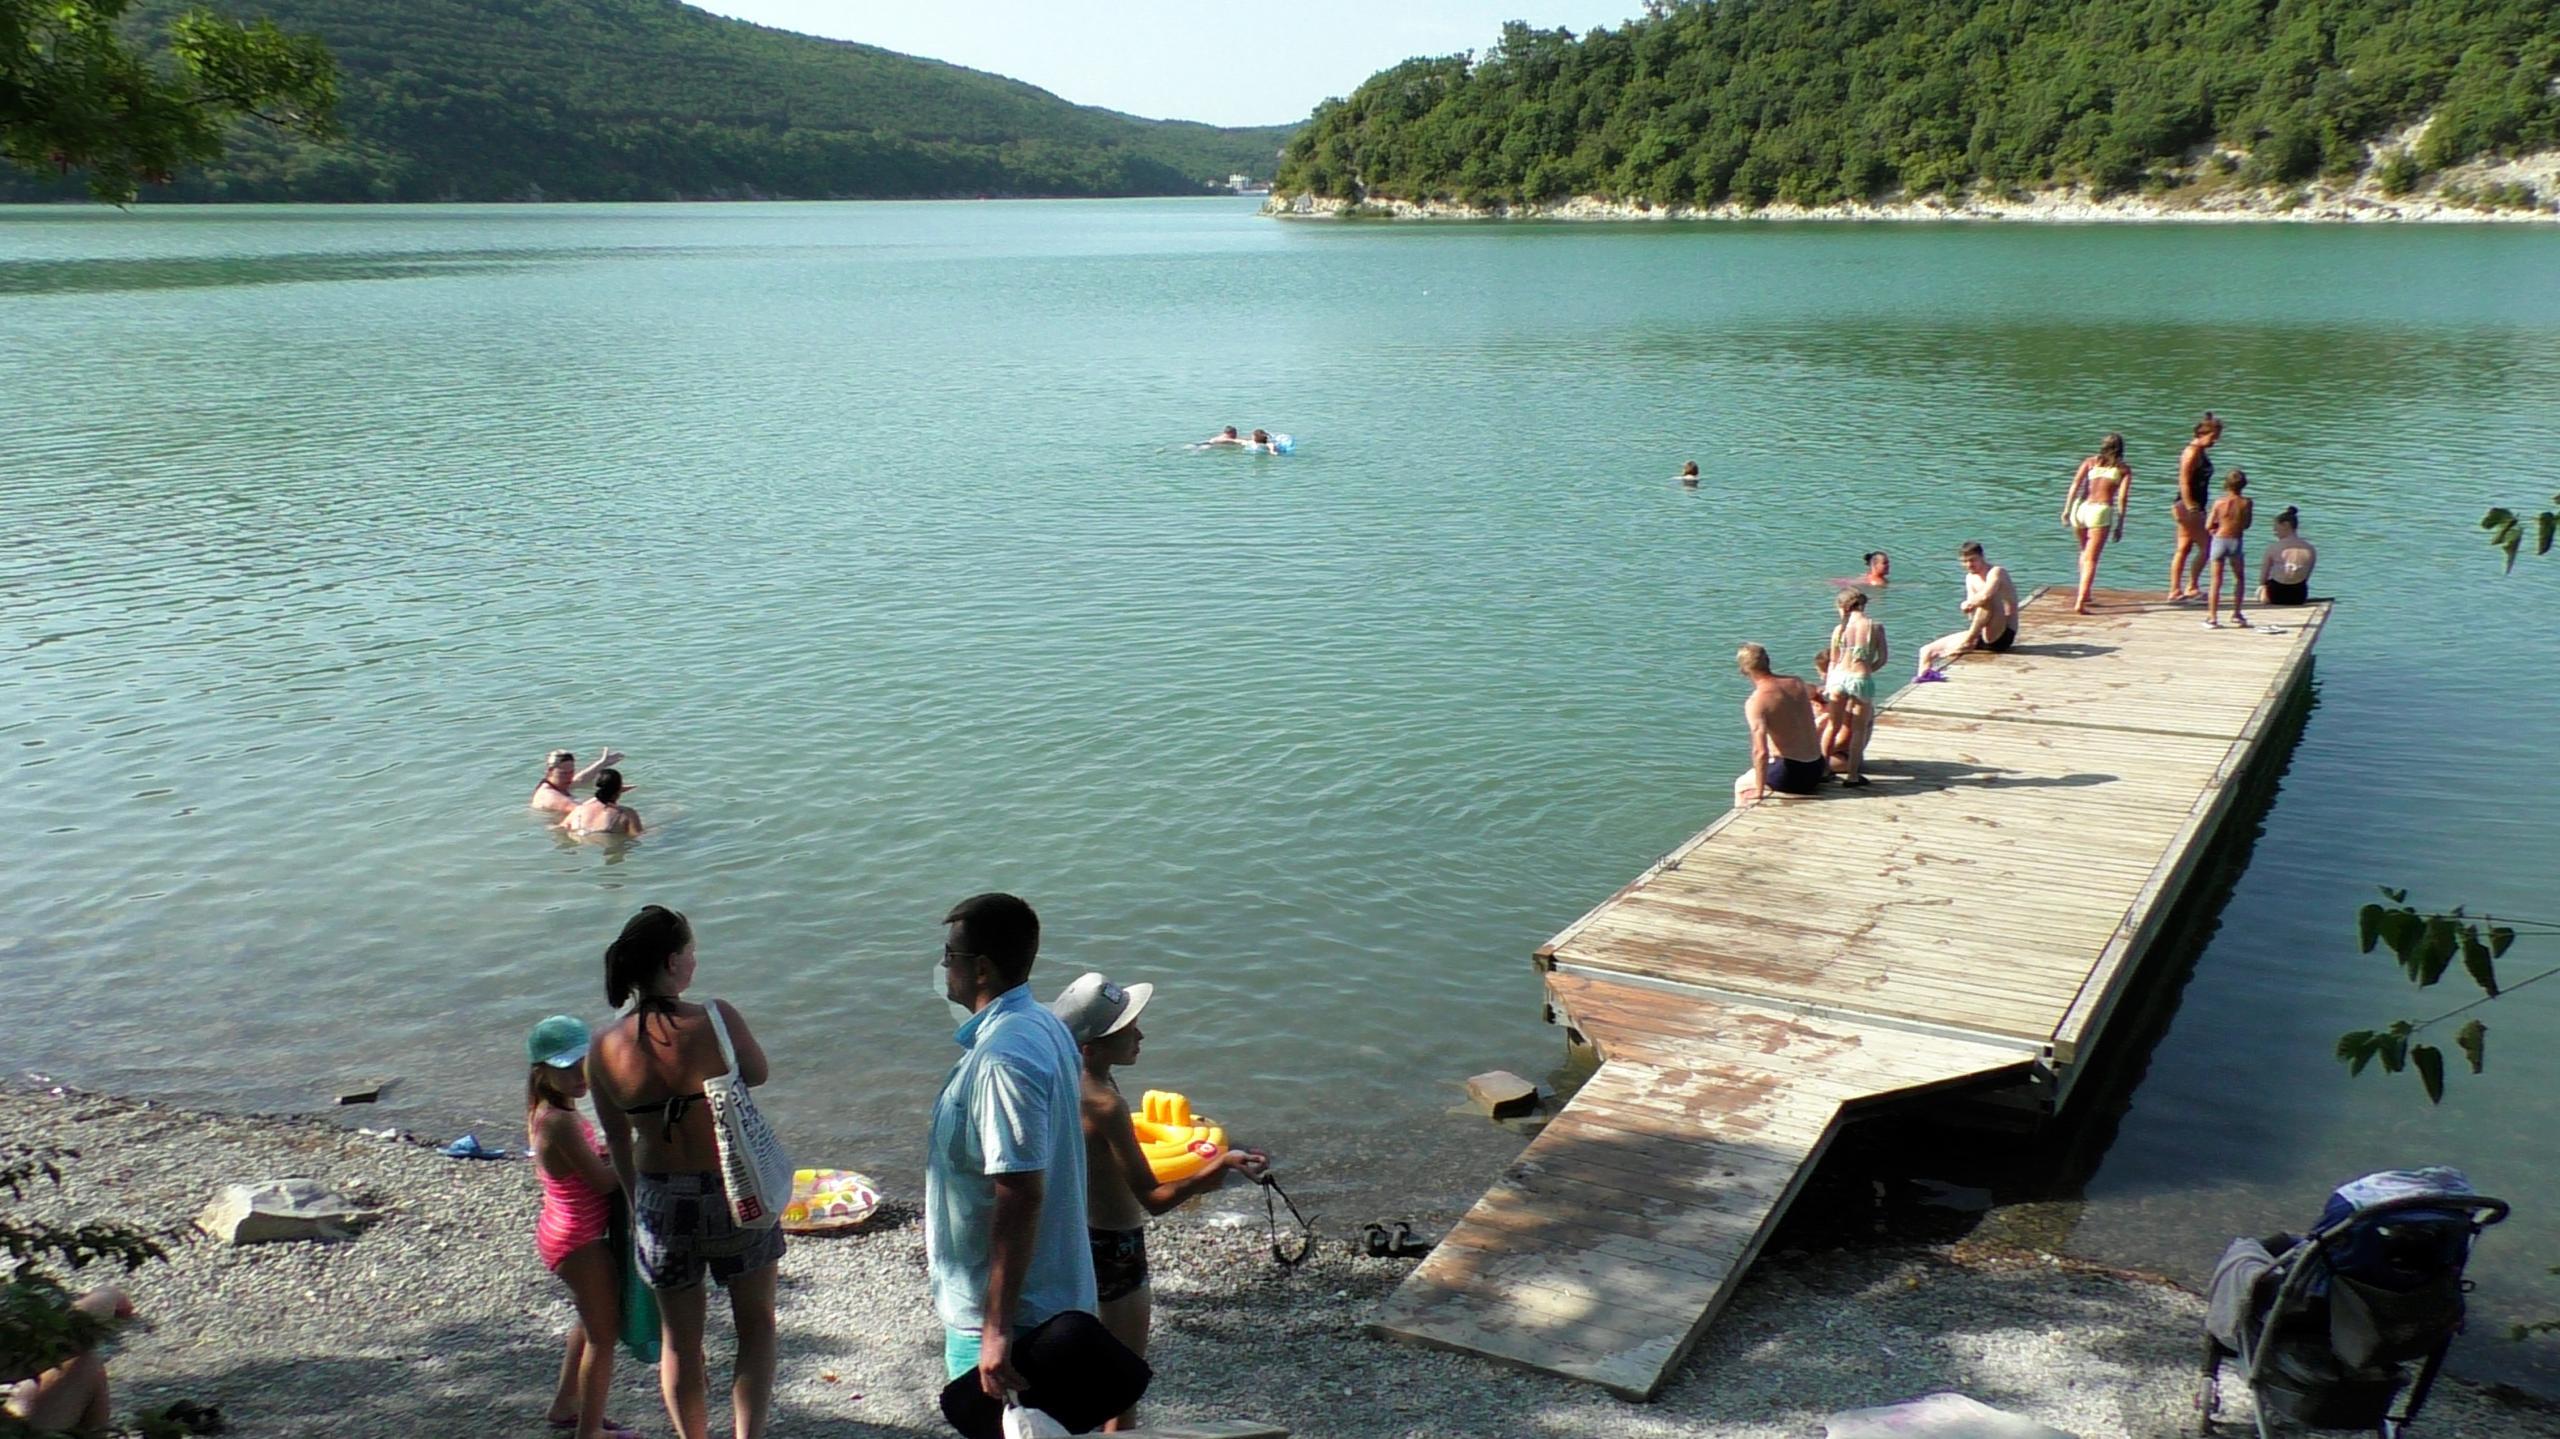 озеро абрау дюрсо кемпинг фото отзывы подать объявление покупке